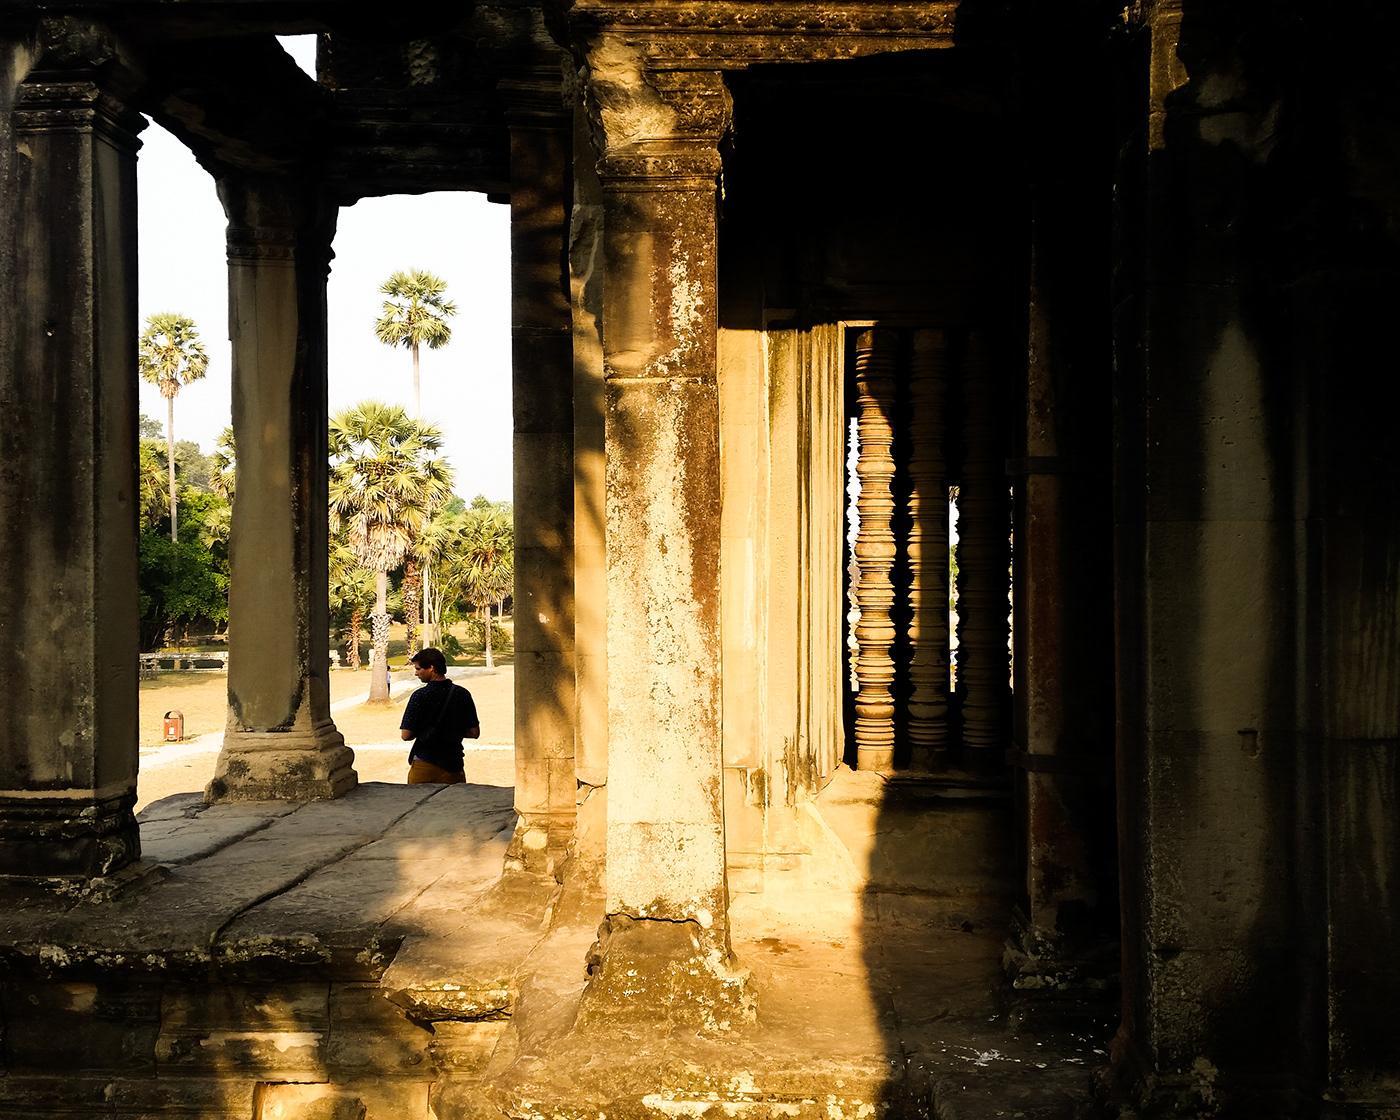 Photo of Angkor Wat by Eleah Ramos - View her portfolio at eleahramos.com